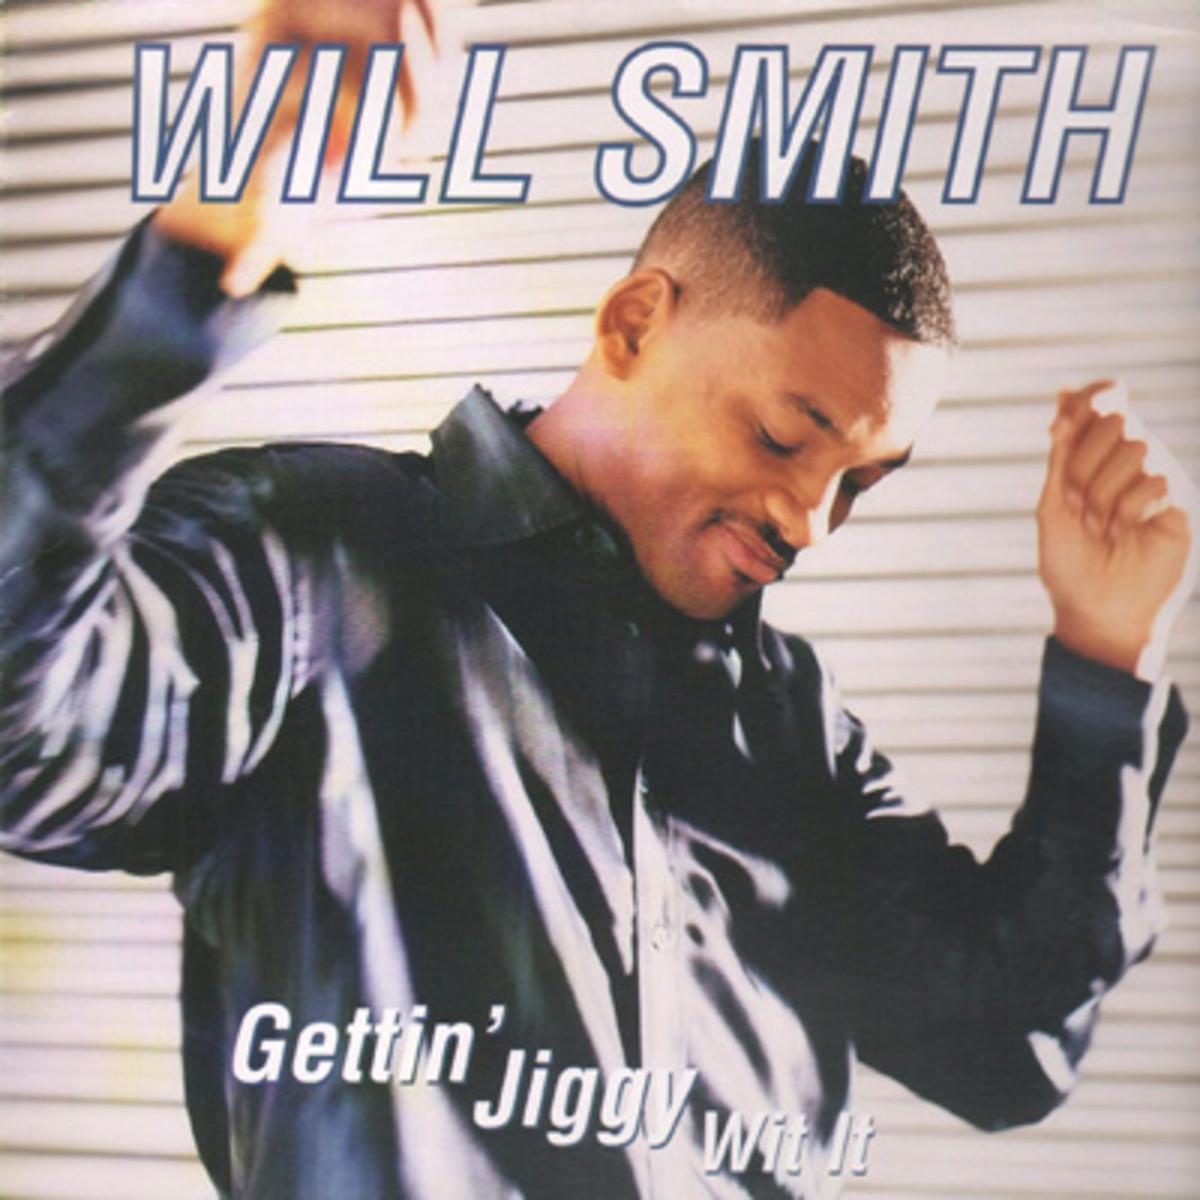 willsmith-getjiggy.jpg